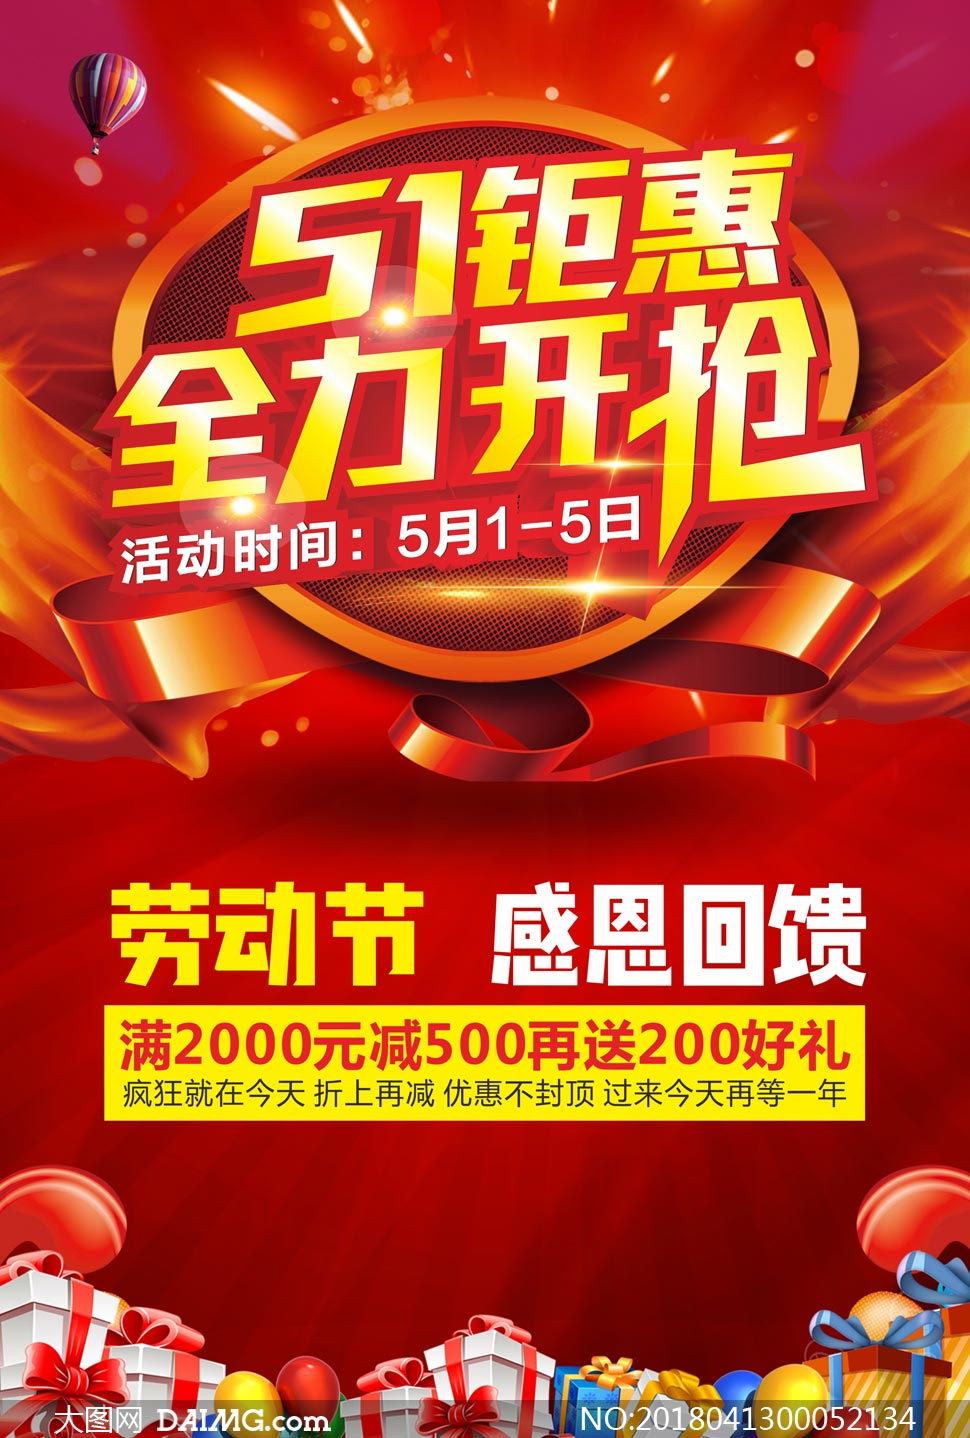 51劳动节活动促销海报设计矢量素材